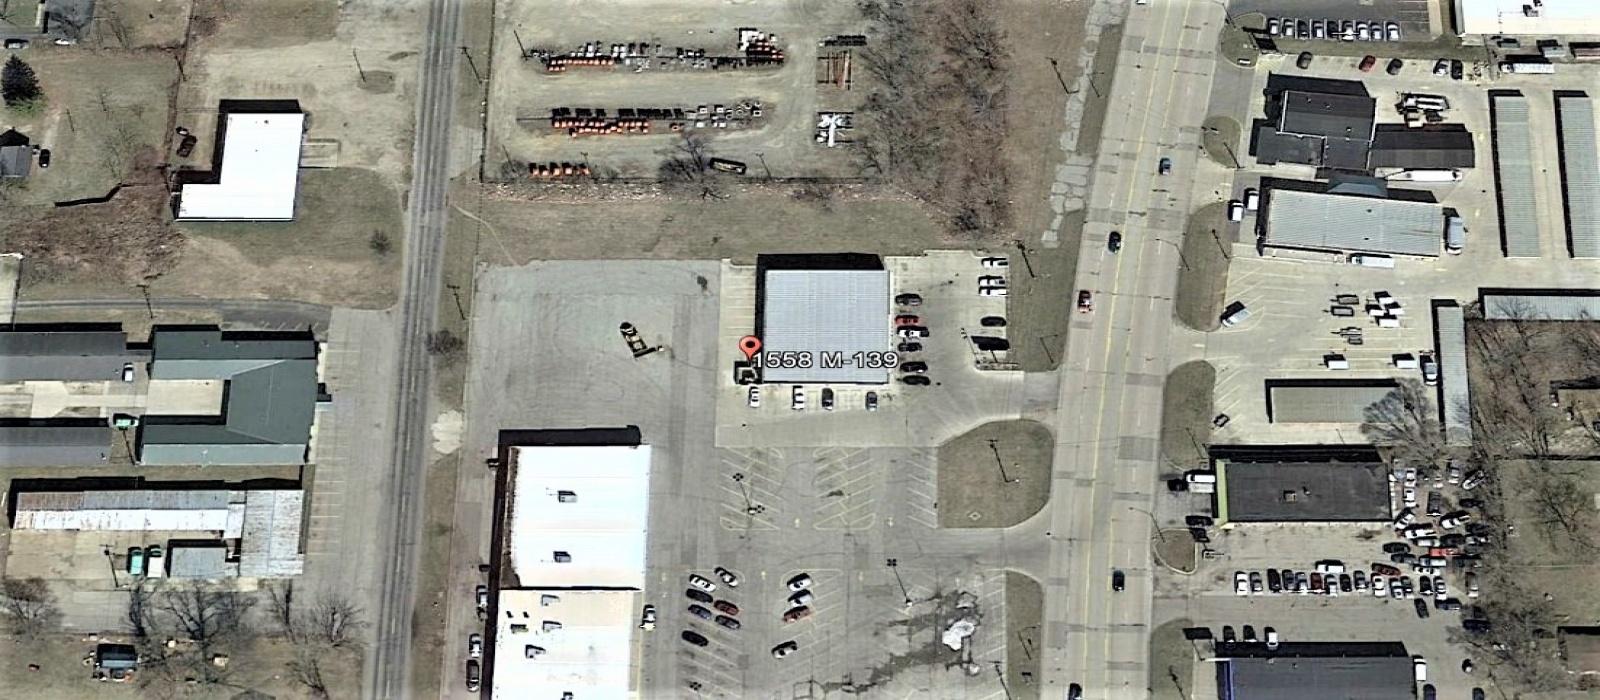 1558 M-139, Benton Harbor, Michigan 49022, ,Retail,For Sale,1558 M-139,1055